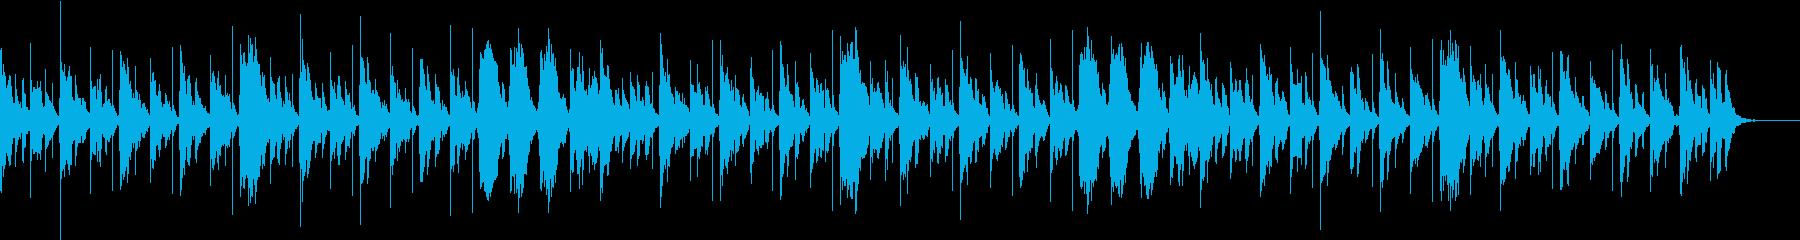 エレクトリックピアノによる温かいサウンドの再生済みの波形